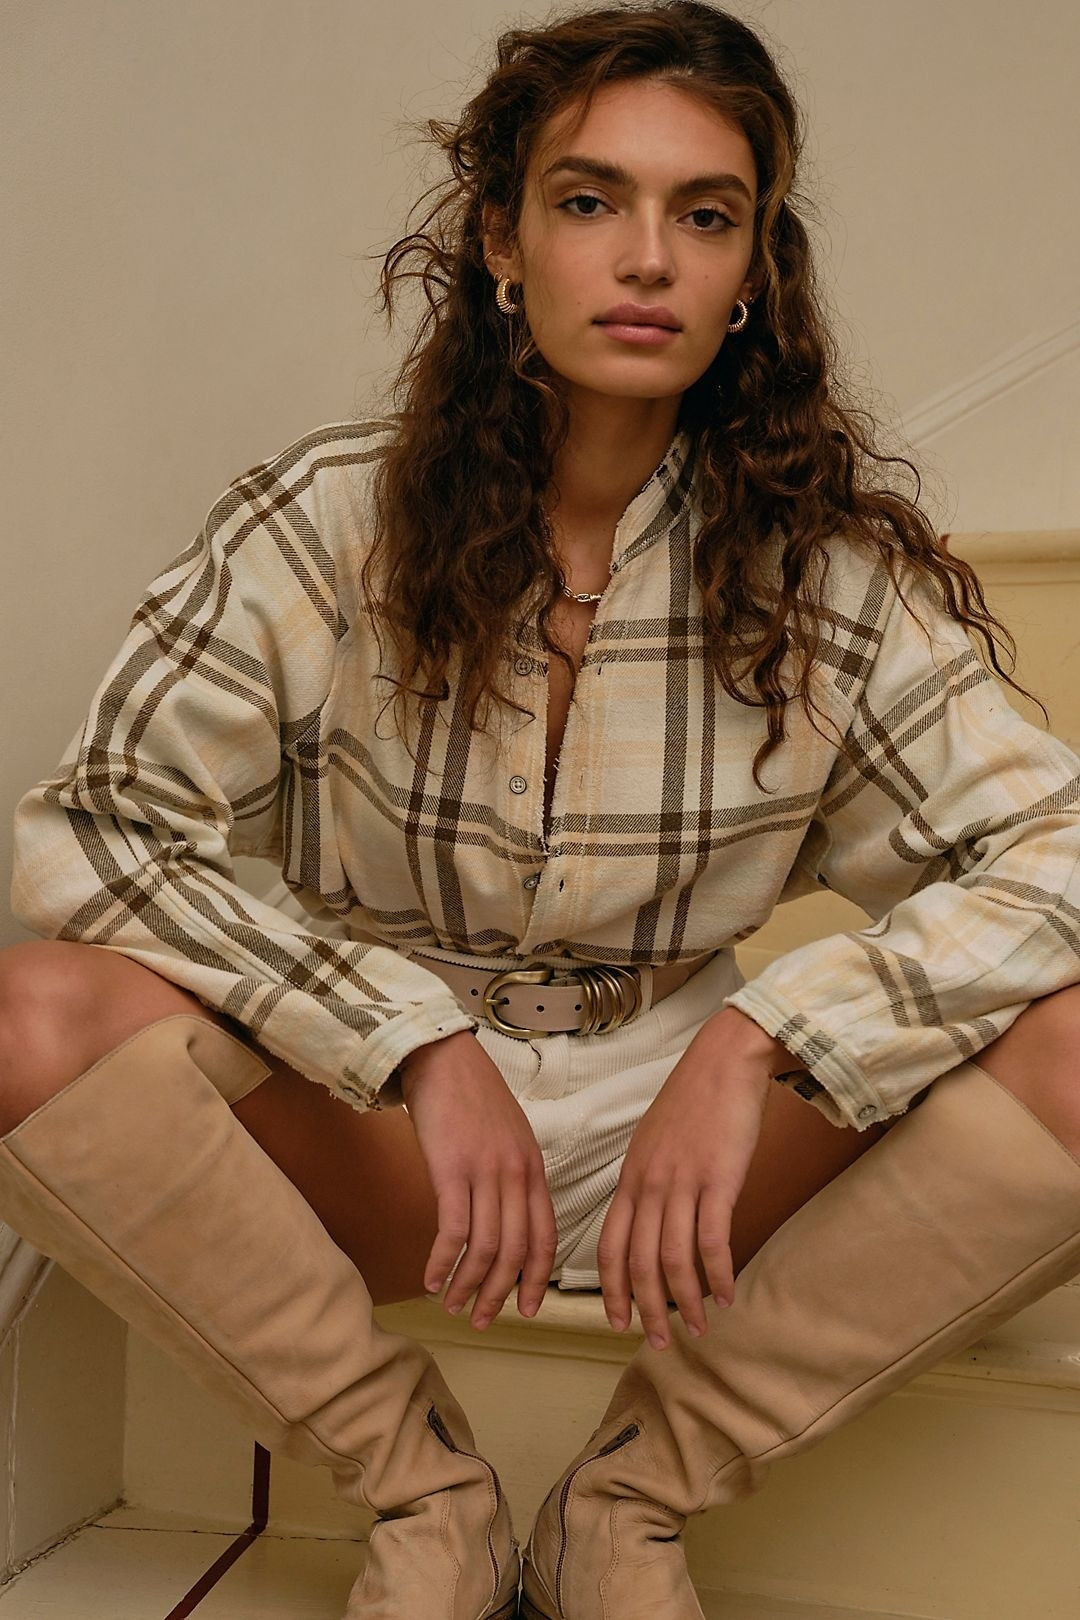 model wearing a